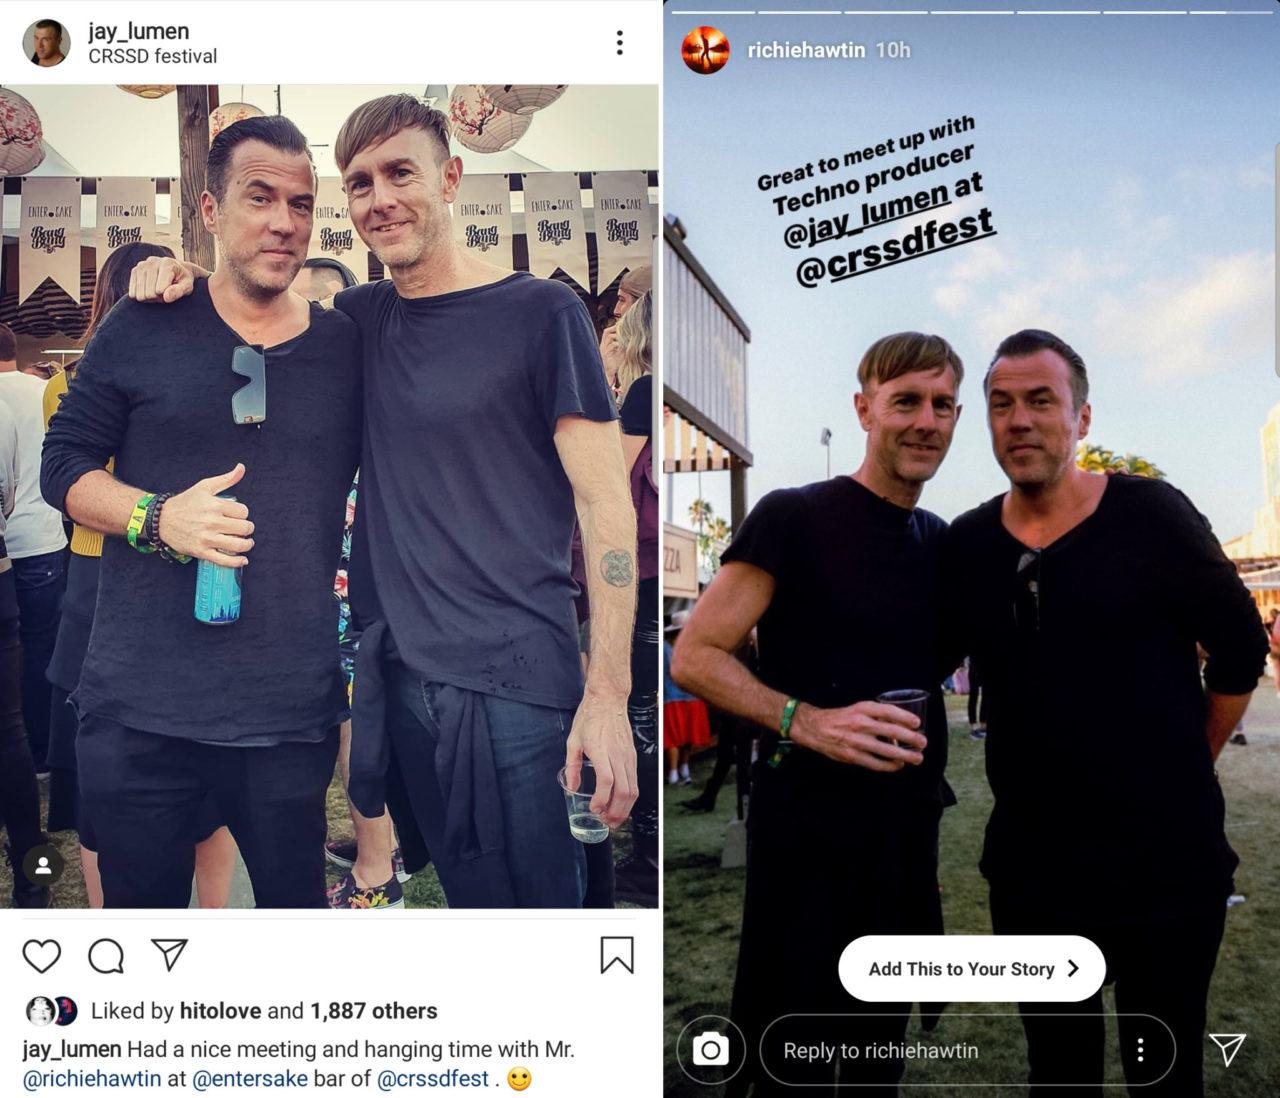 07_Instagram_Jay_Lumen_&_Richie_Hawtin